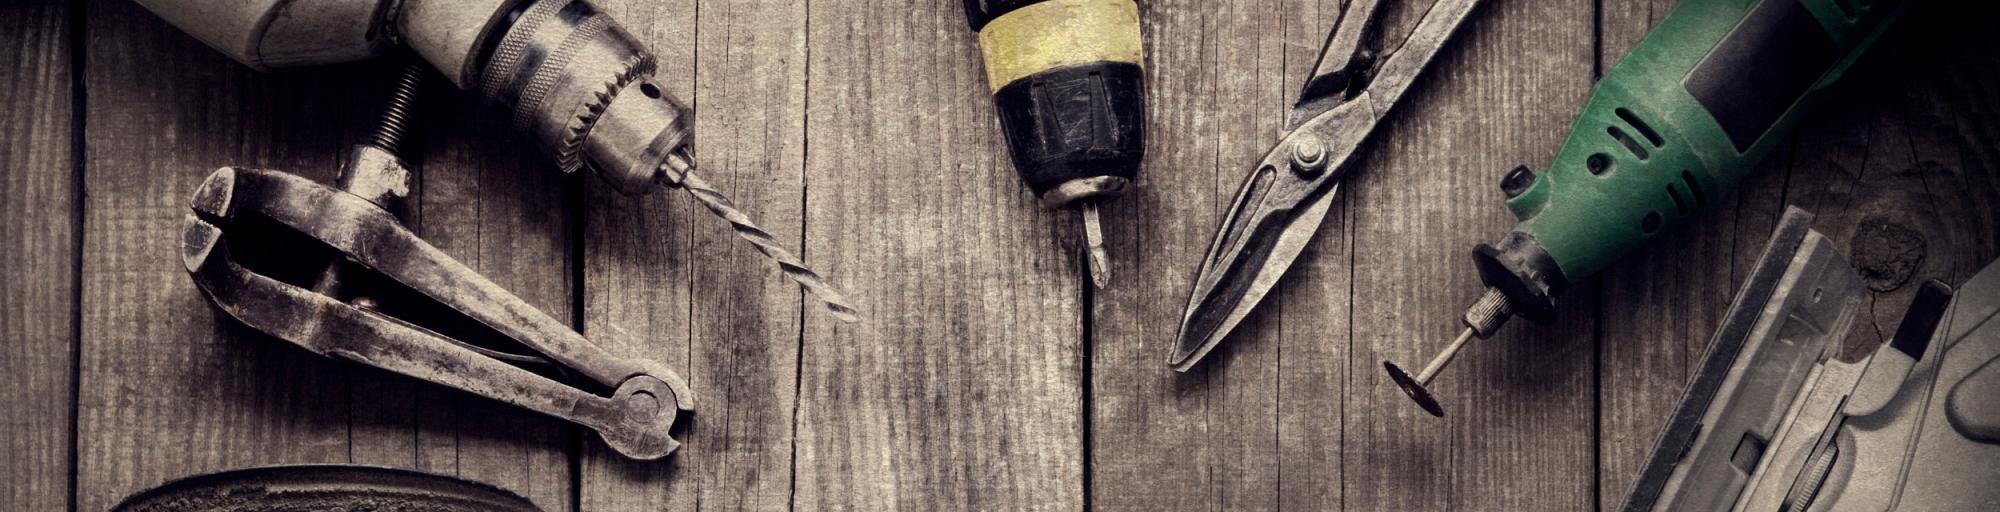 Sonstige Geräte & Werkzeuge leihen